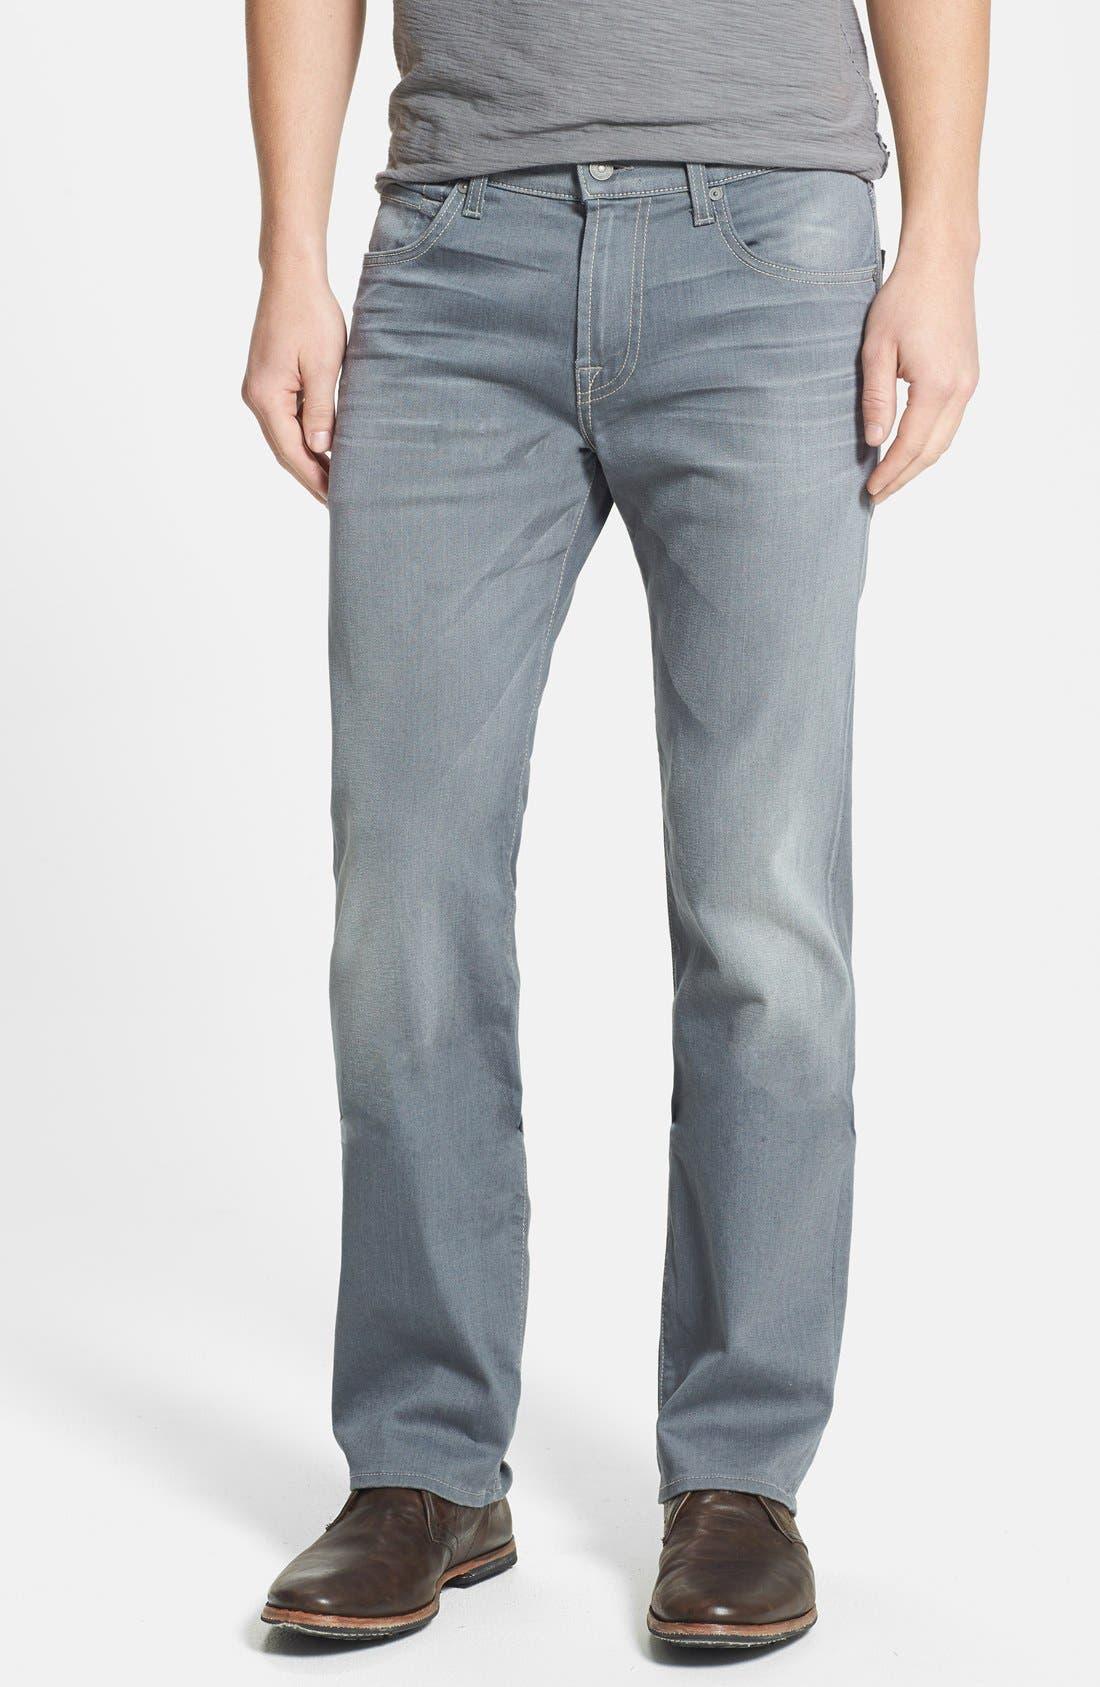 Alternate Image 1 Selected - 7 For All Mankind® 'Carsen' Straight Leg Jeans (Vesper Grey)